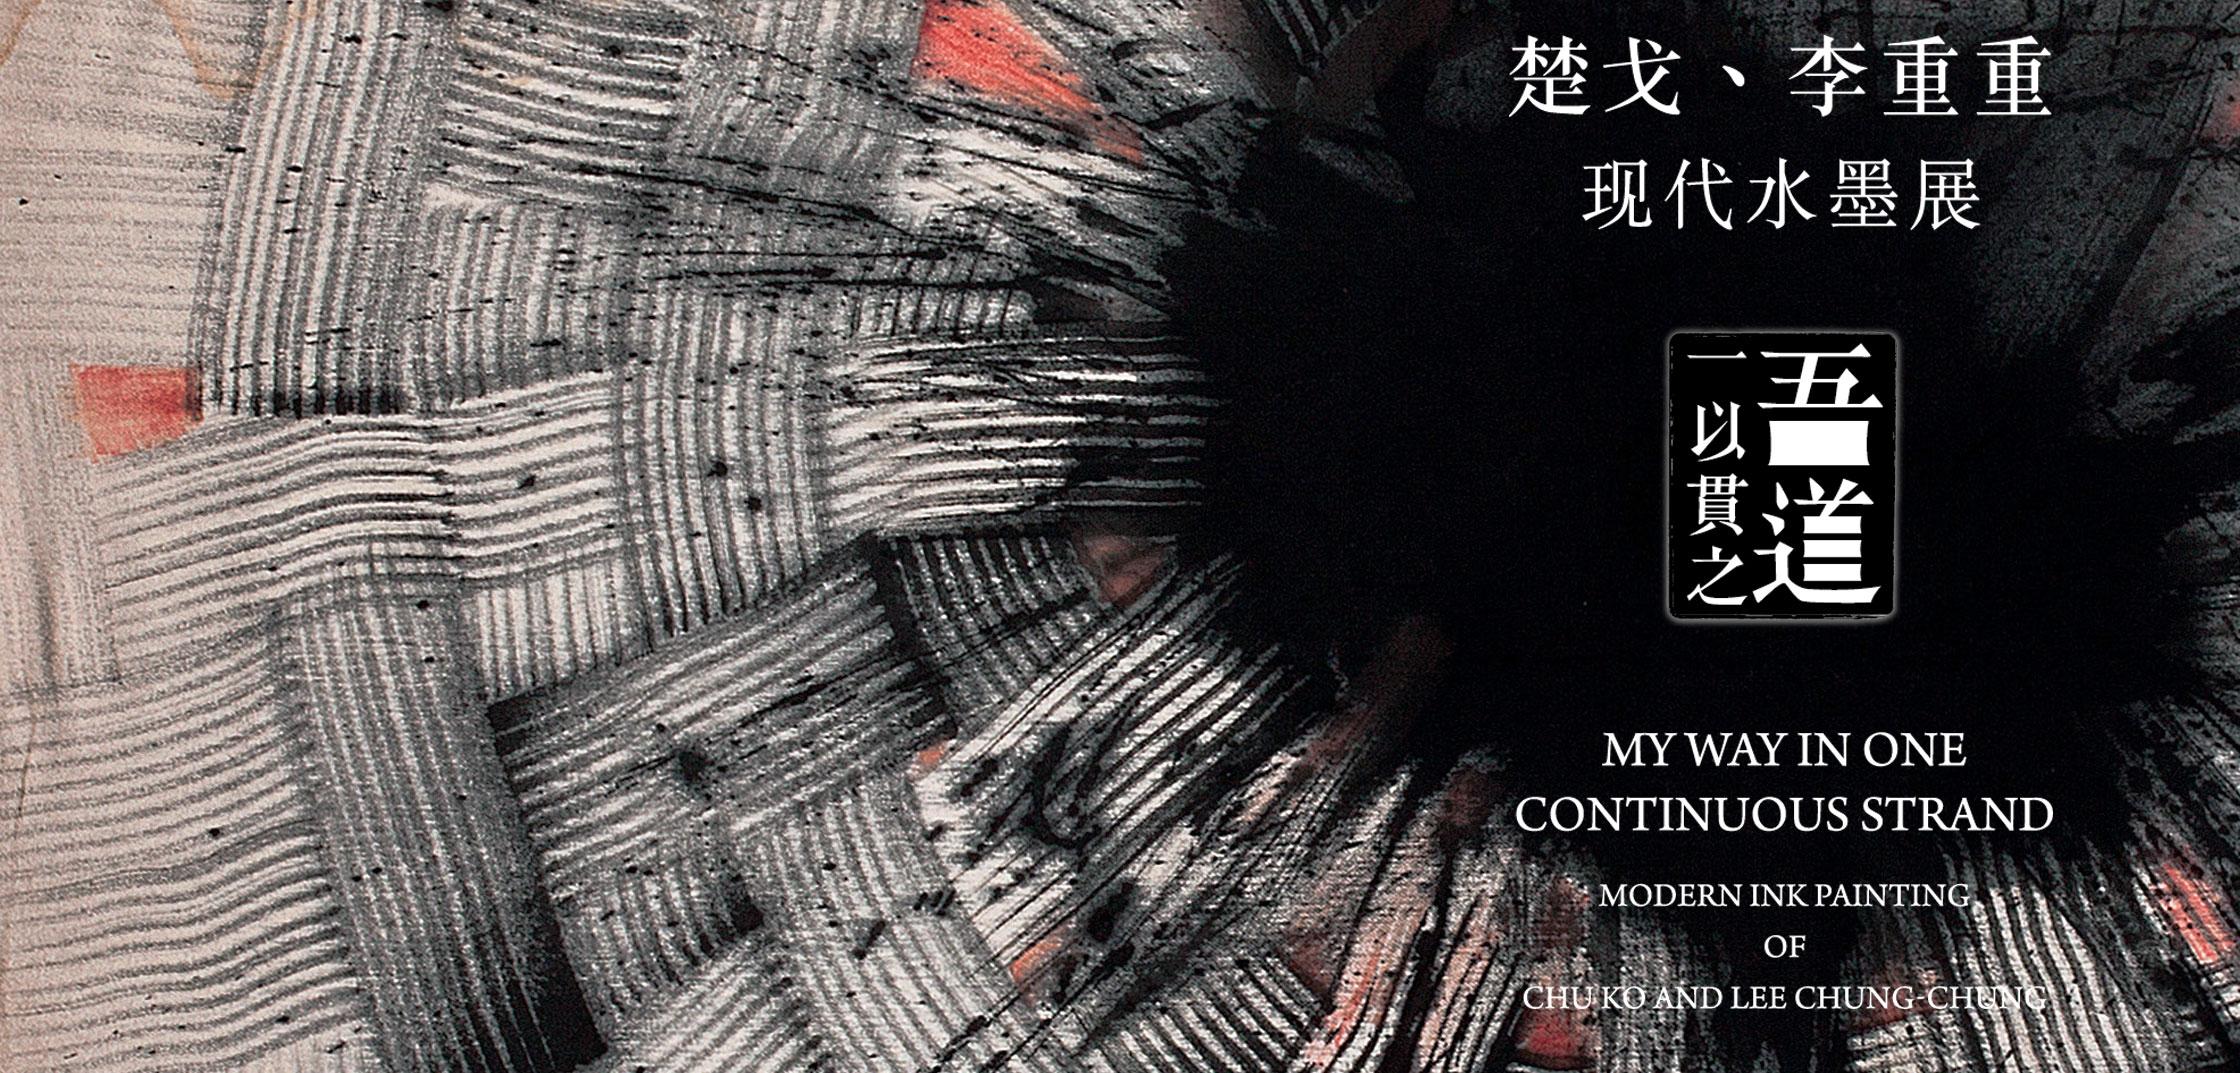 2016 Art Beijing